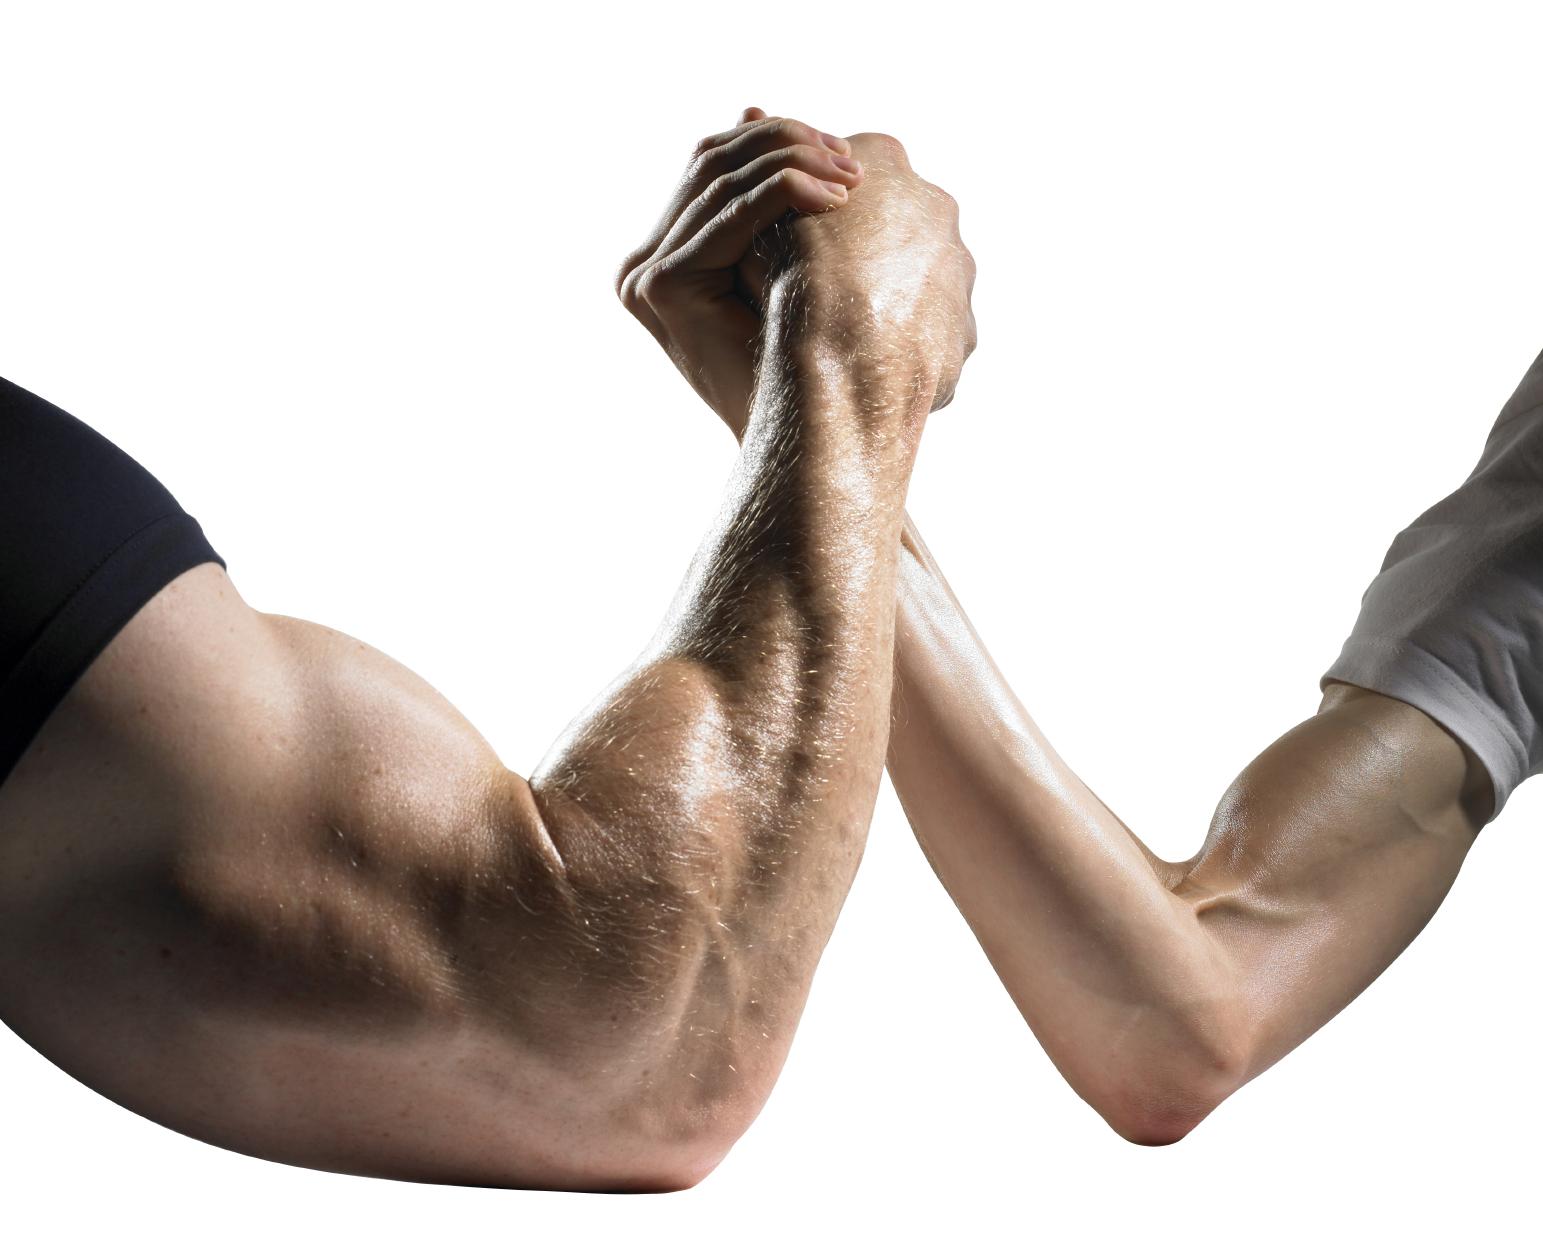 Как сделать руки толще парню в домашних условиях